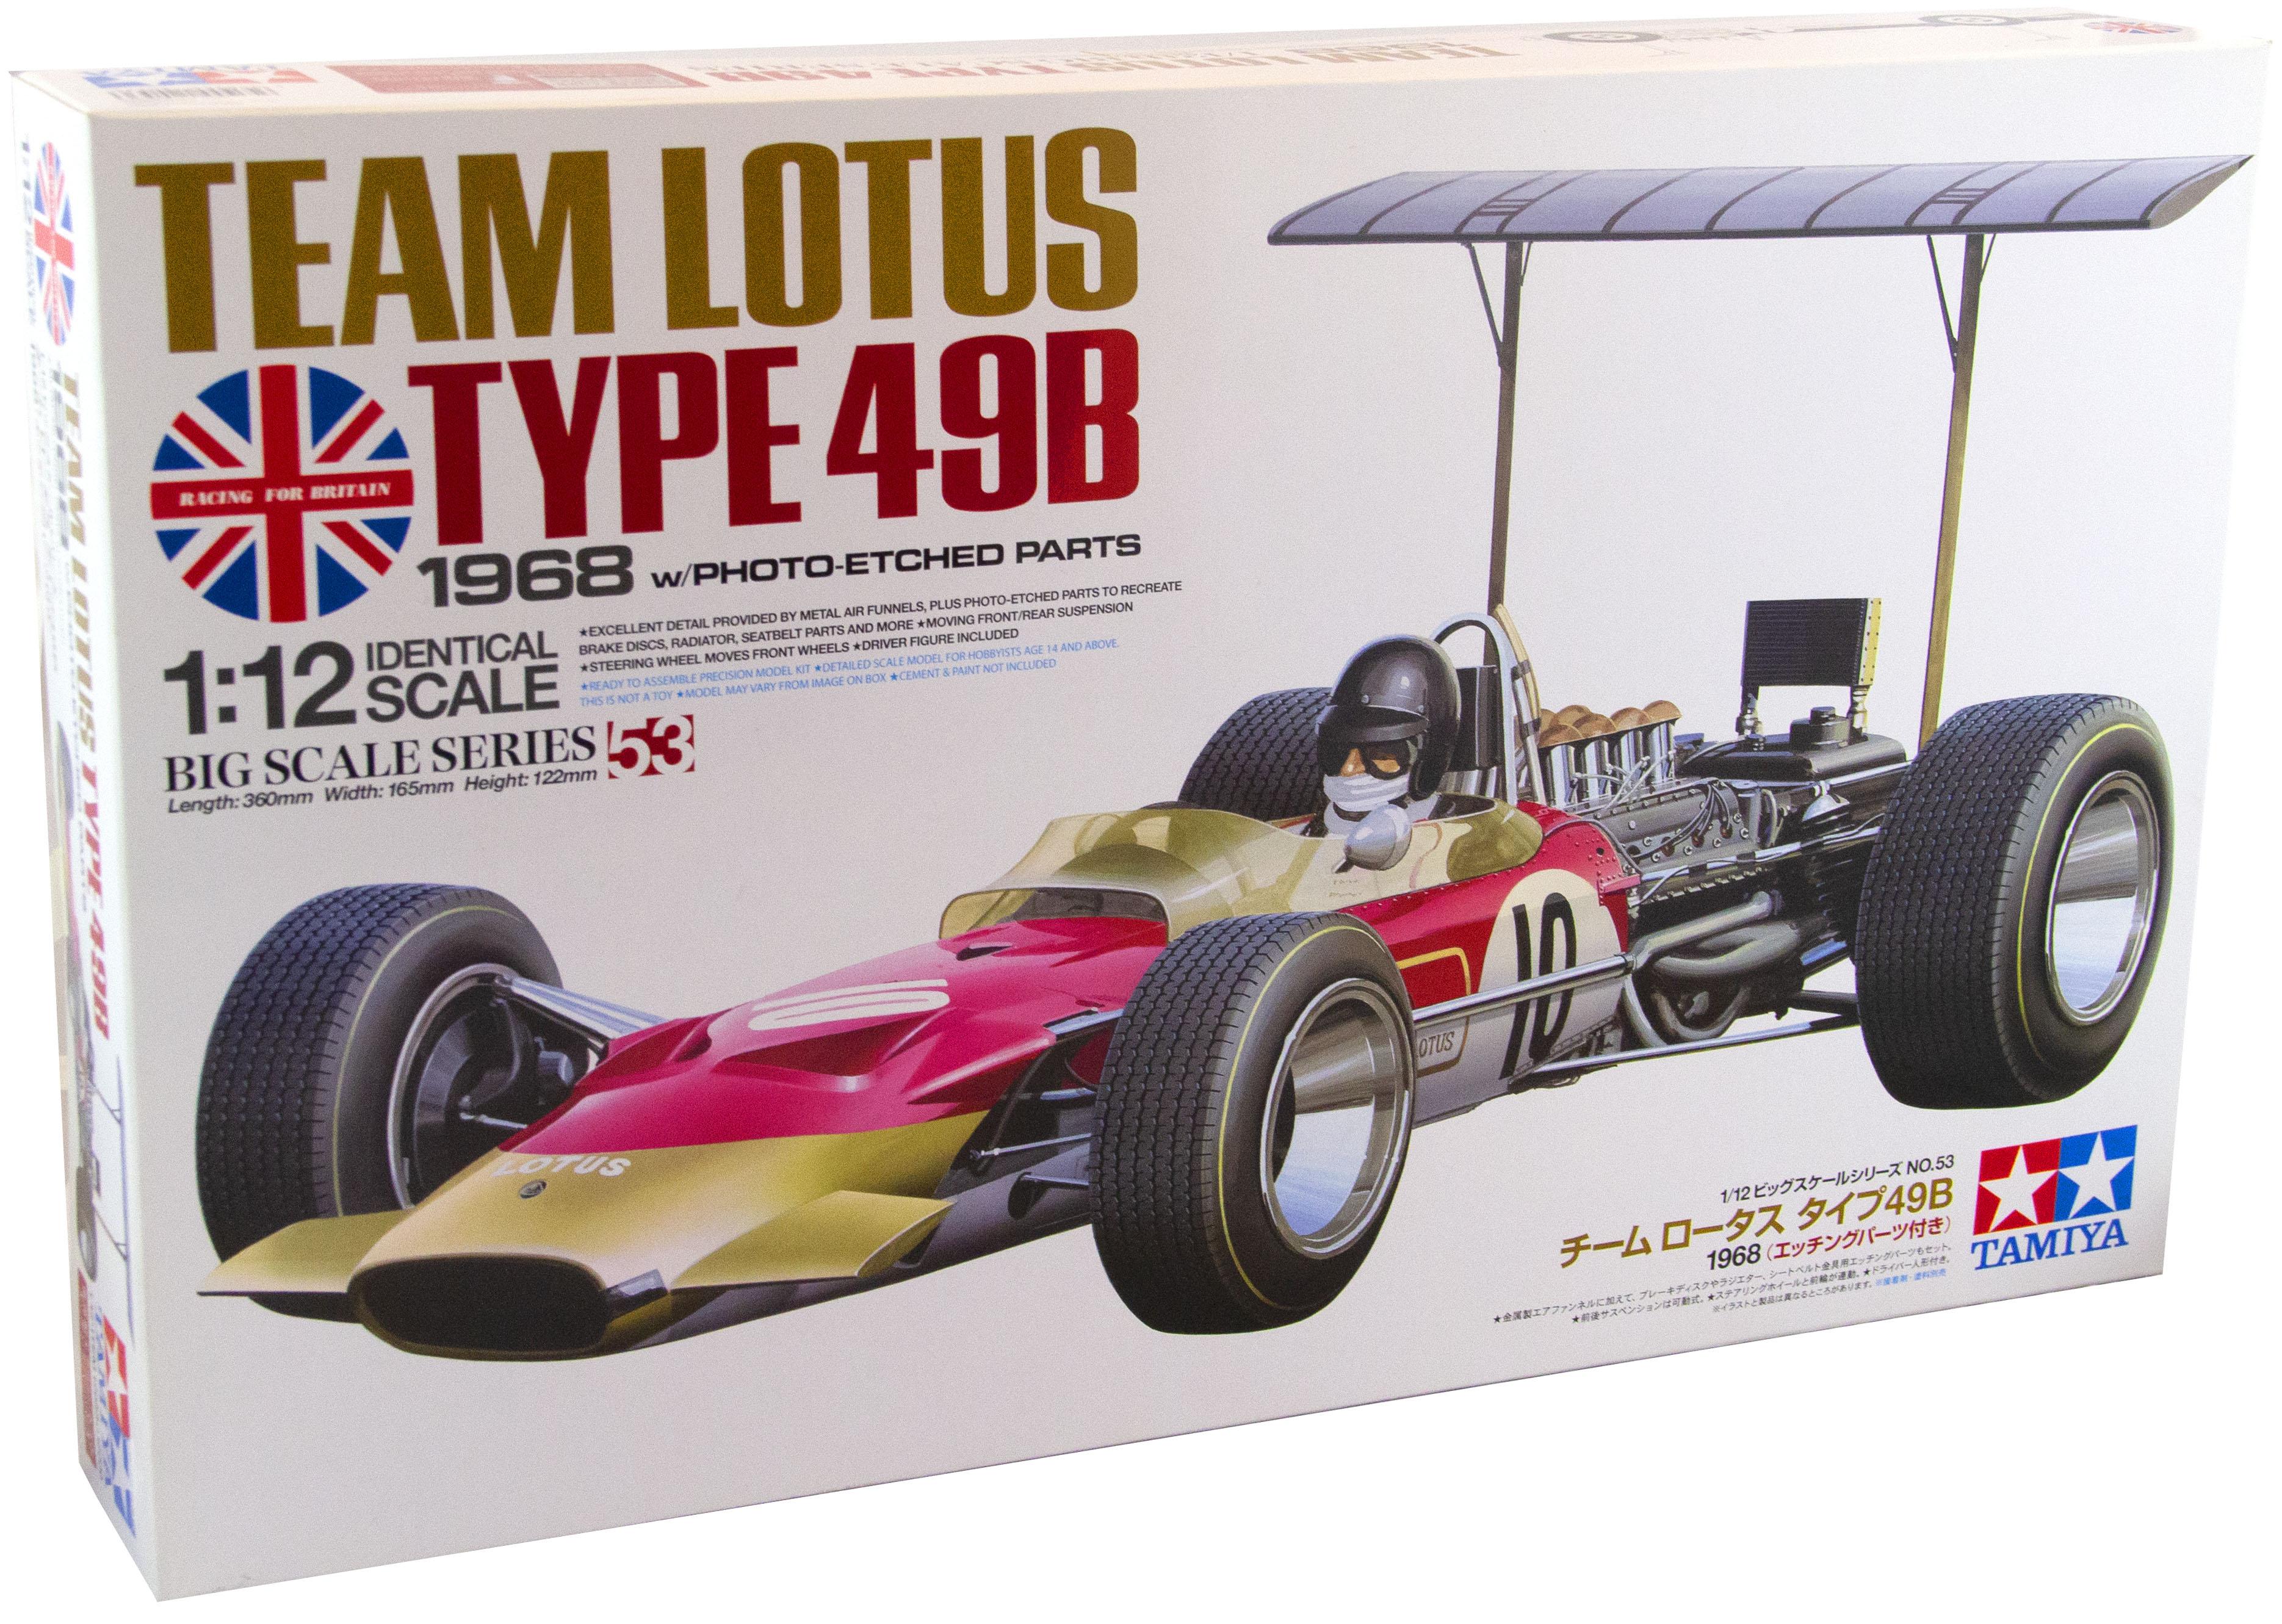 Kit Team Lotus Type 49B 1968 1/12